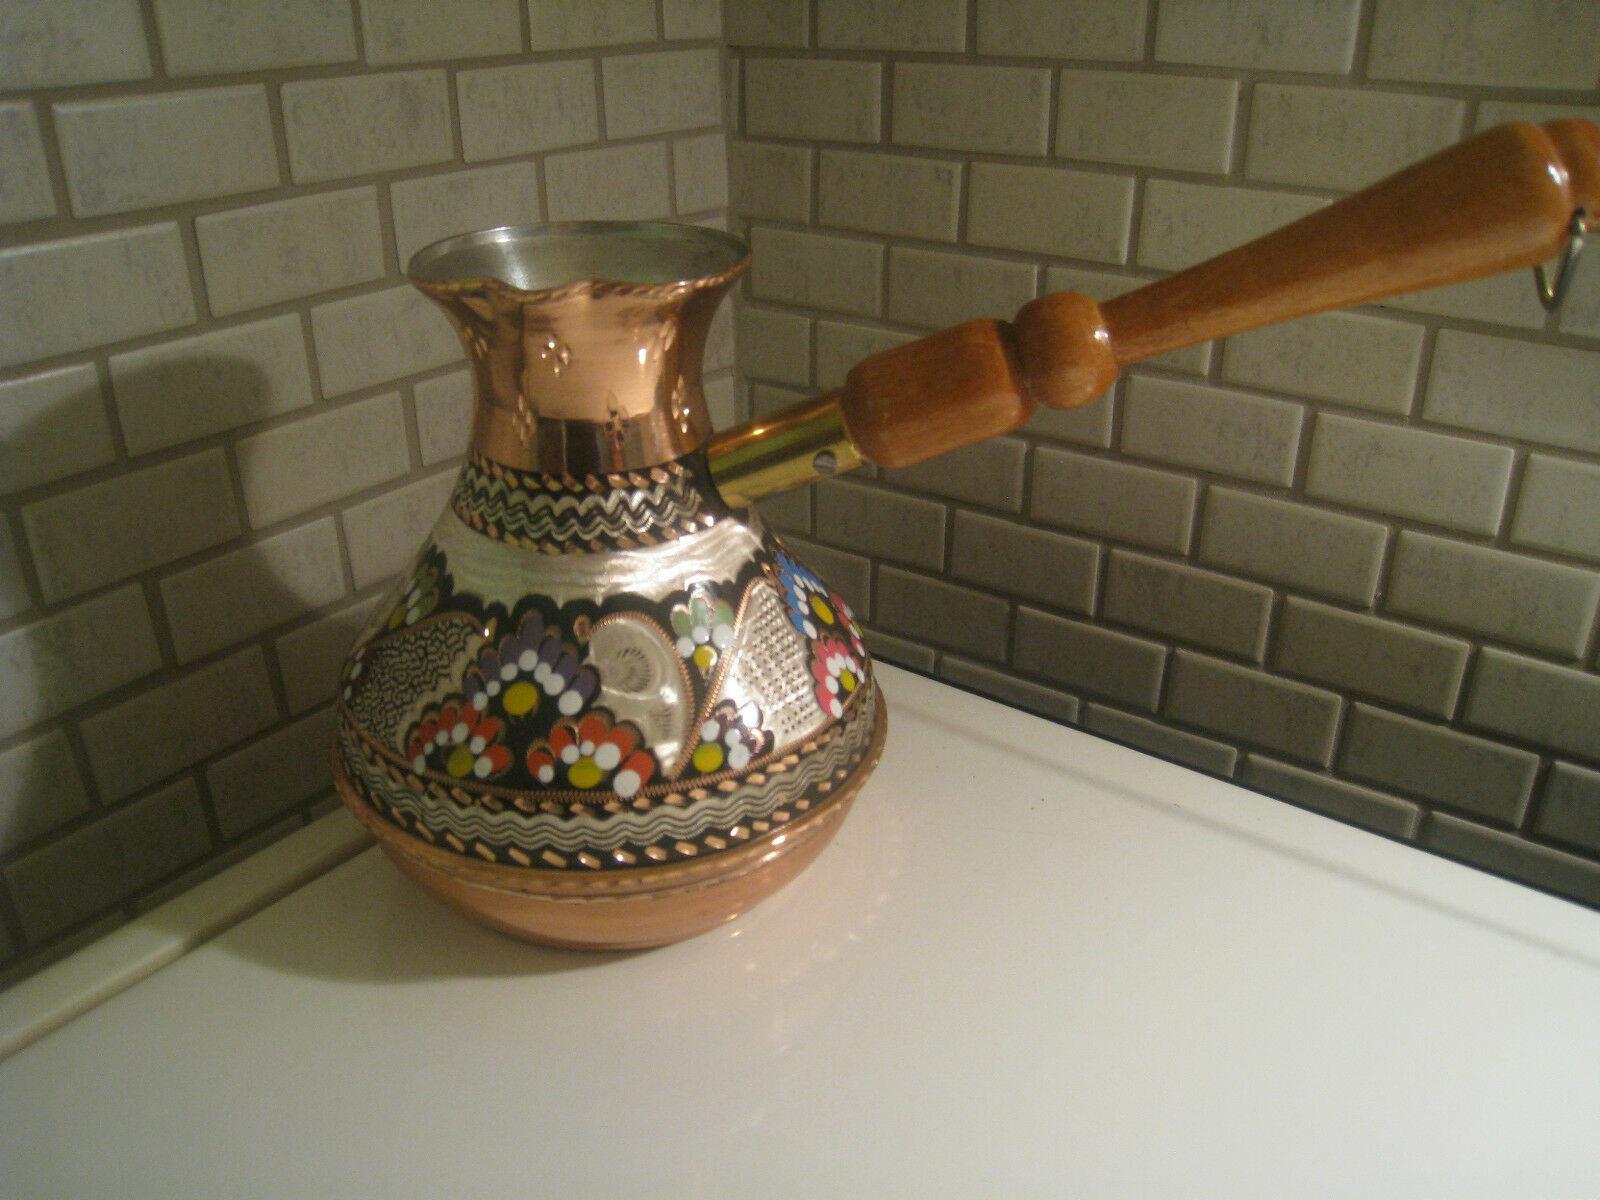 Turco Handmade Russo di Rame di Forma di Caffè Pentola, Cezve Jezve, İbrik Smalto Intagliato